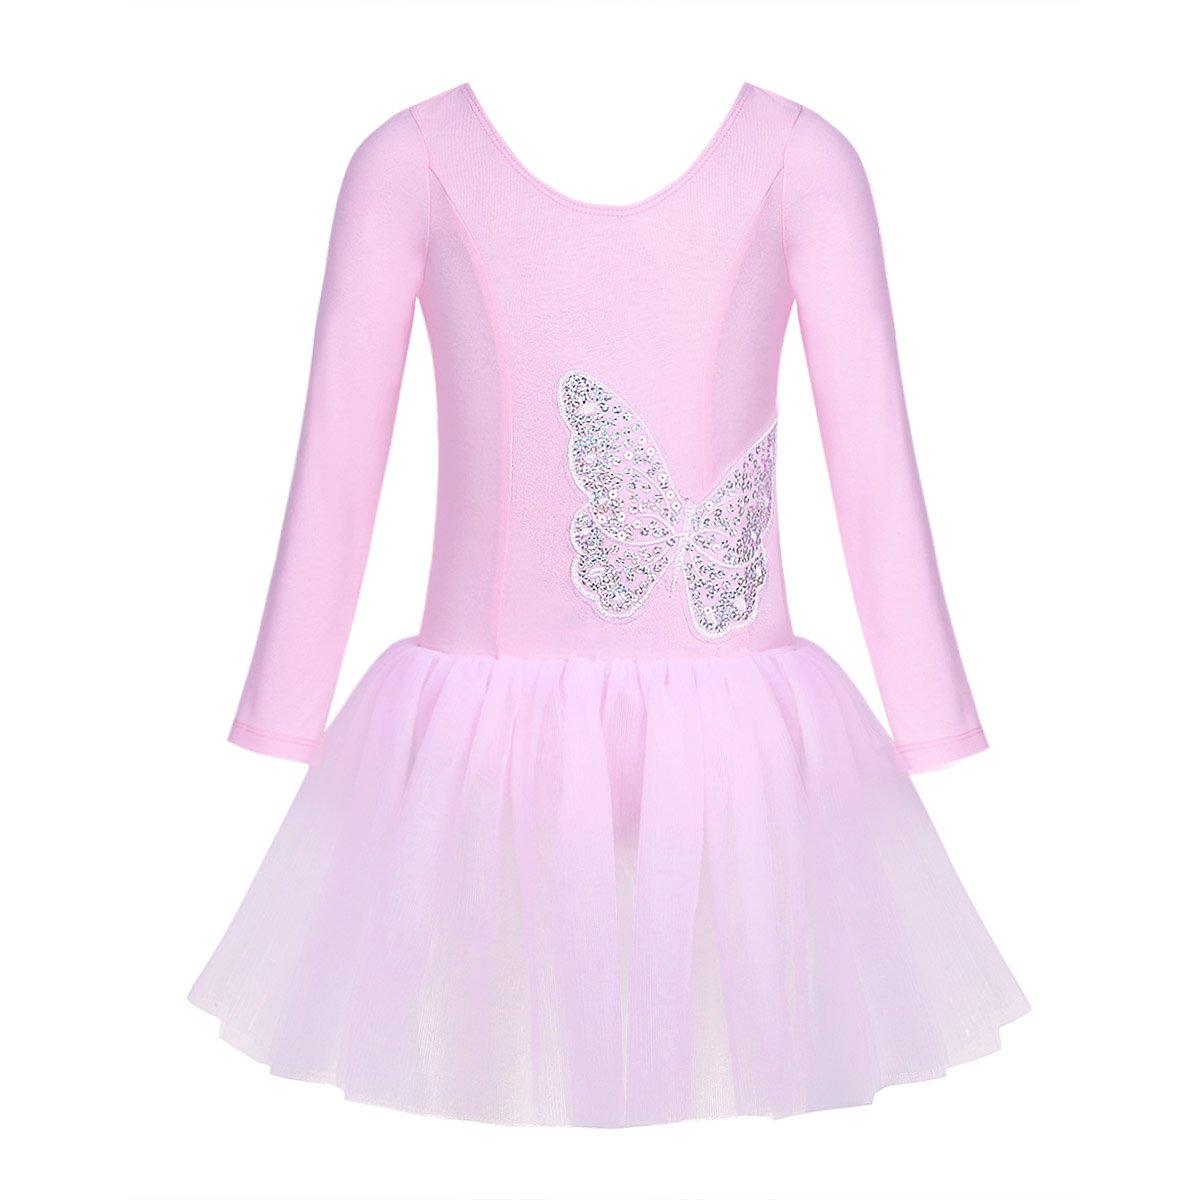 Freebily Ballet Filles Leotard Justaucorps de Gymnastique Danse Classique Robe de Ballet Coton Tulle Robe à Manches Longues Paillettes Papillon pour Performance 3-10 Ans